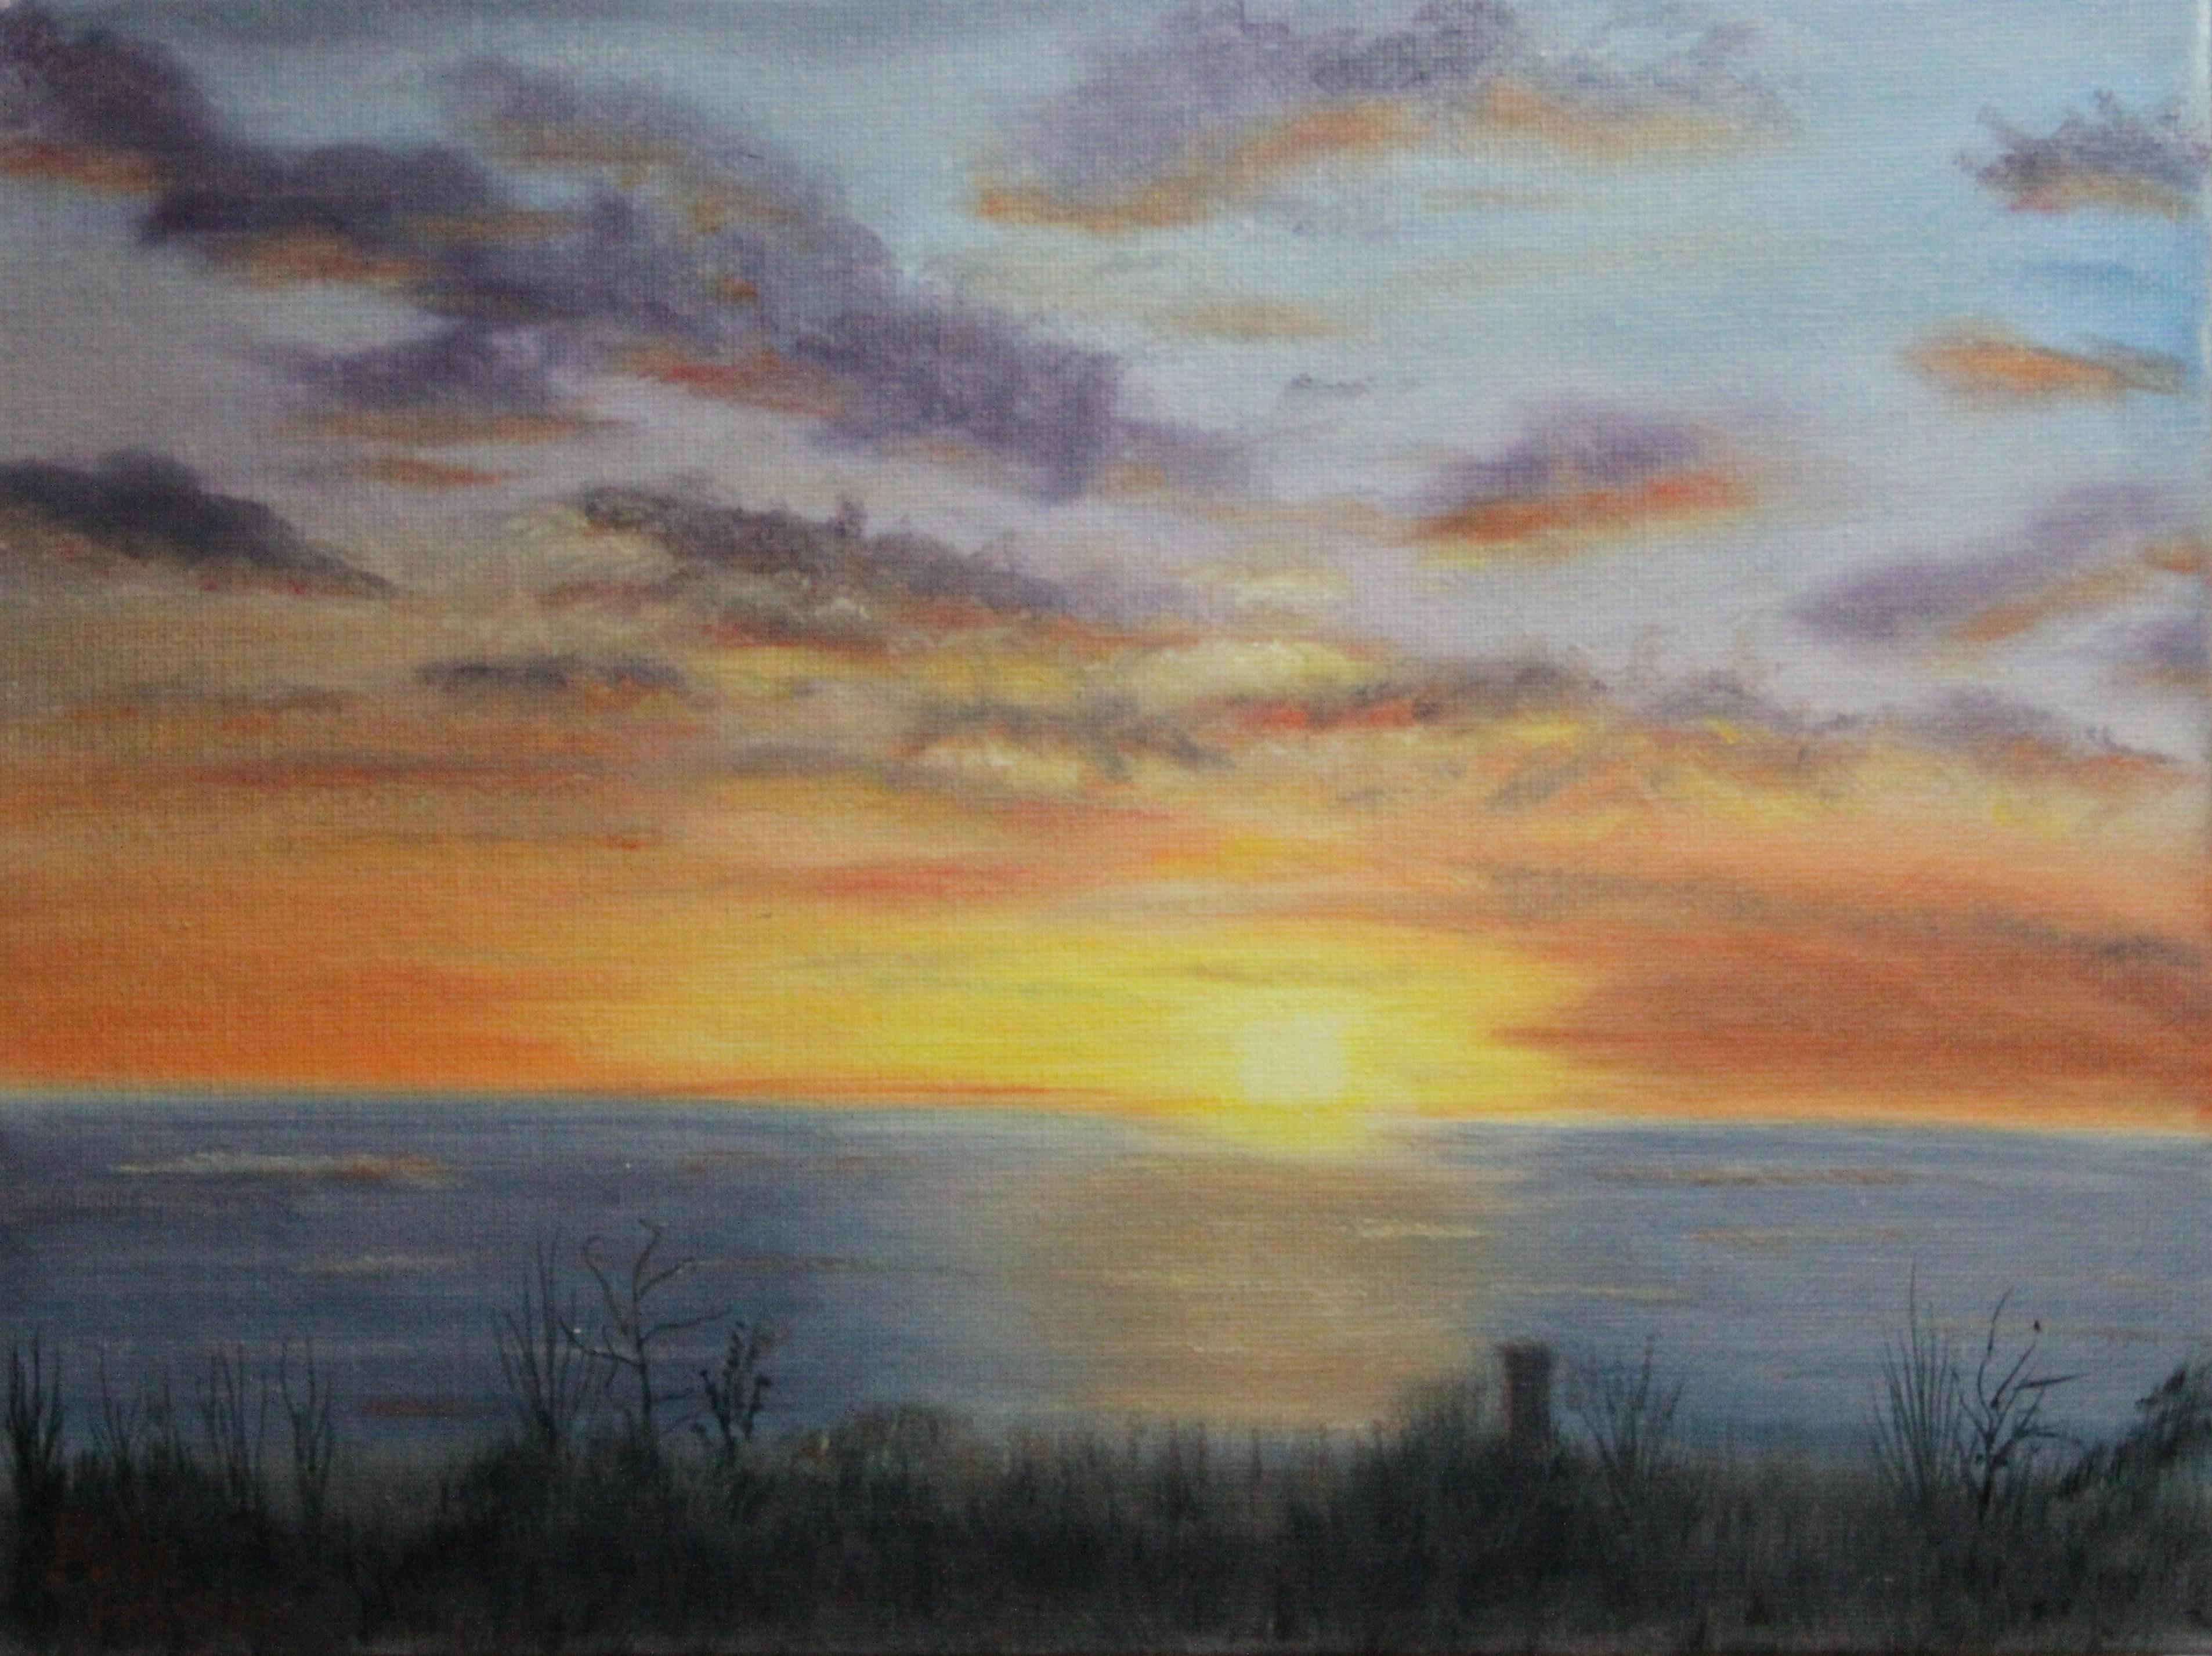 Sunset in Ocean Shores